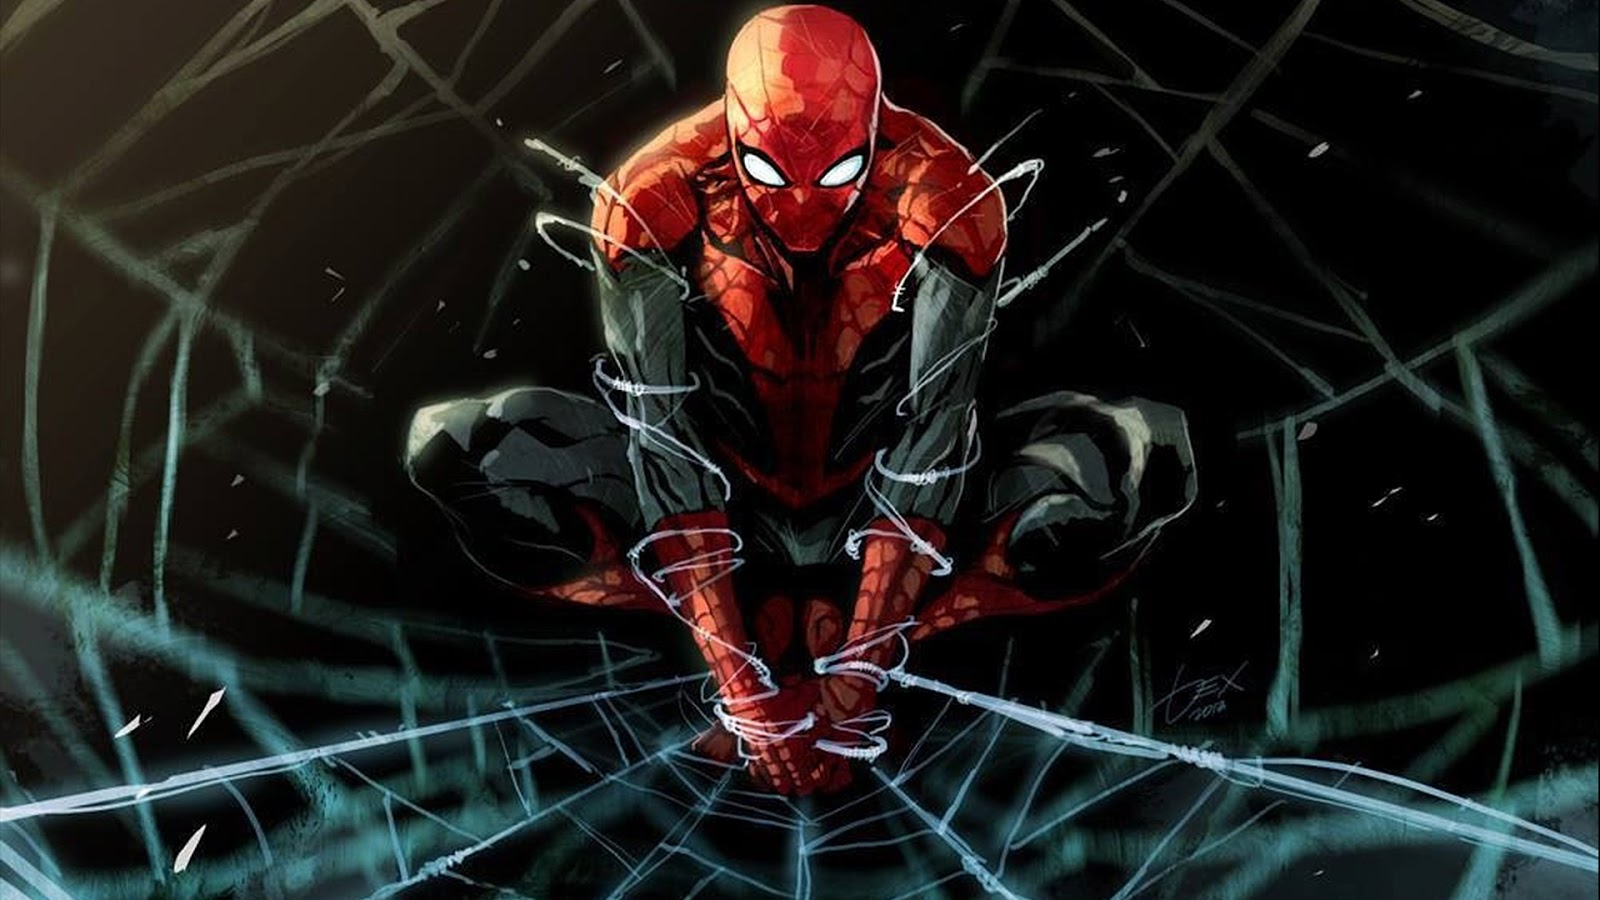 Dangerous Spiderman Pictures HD Web Net